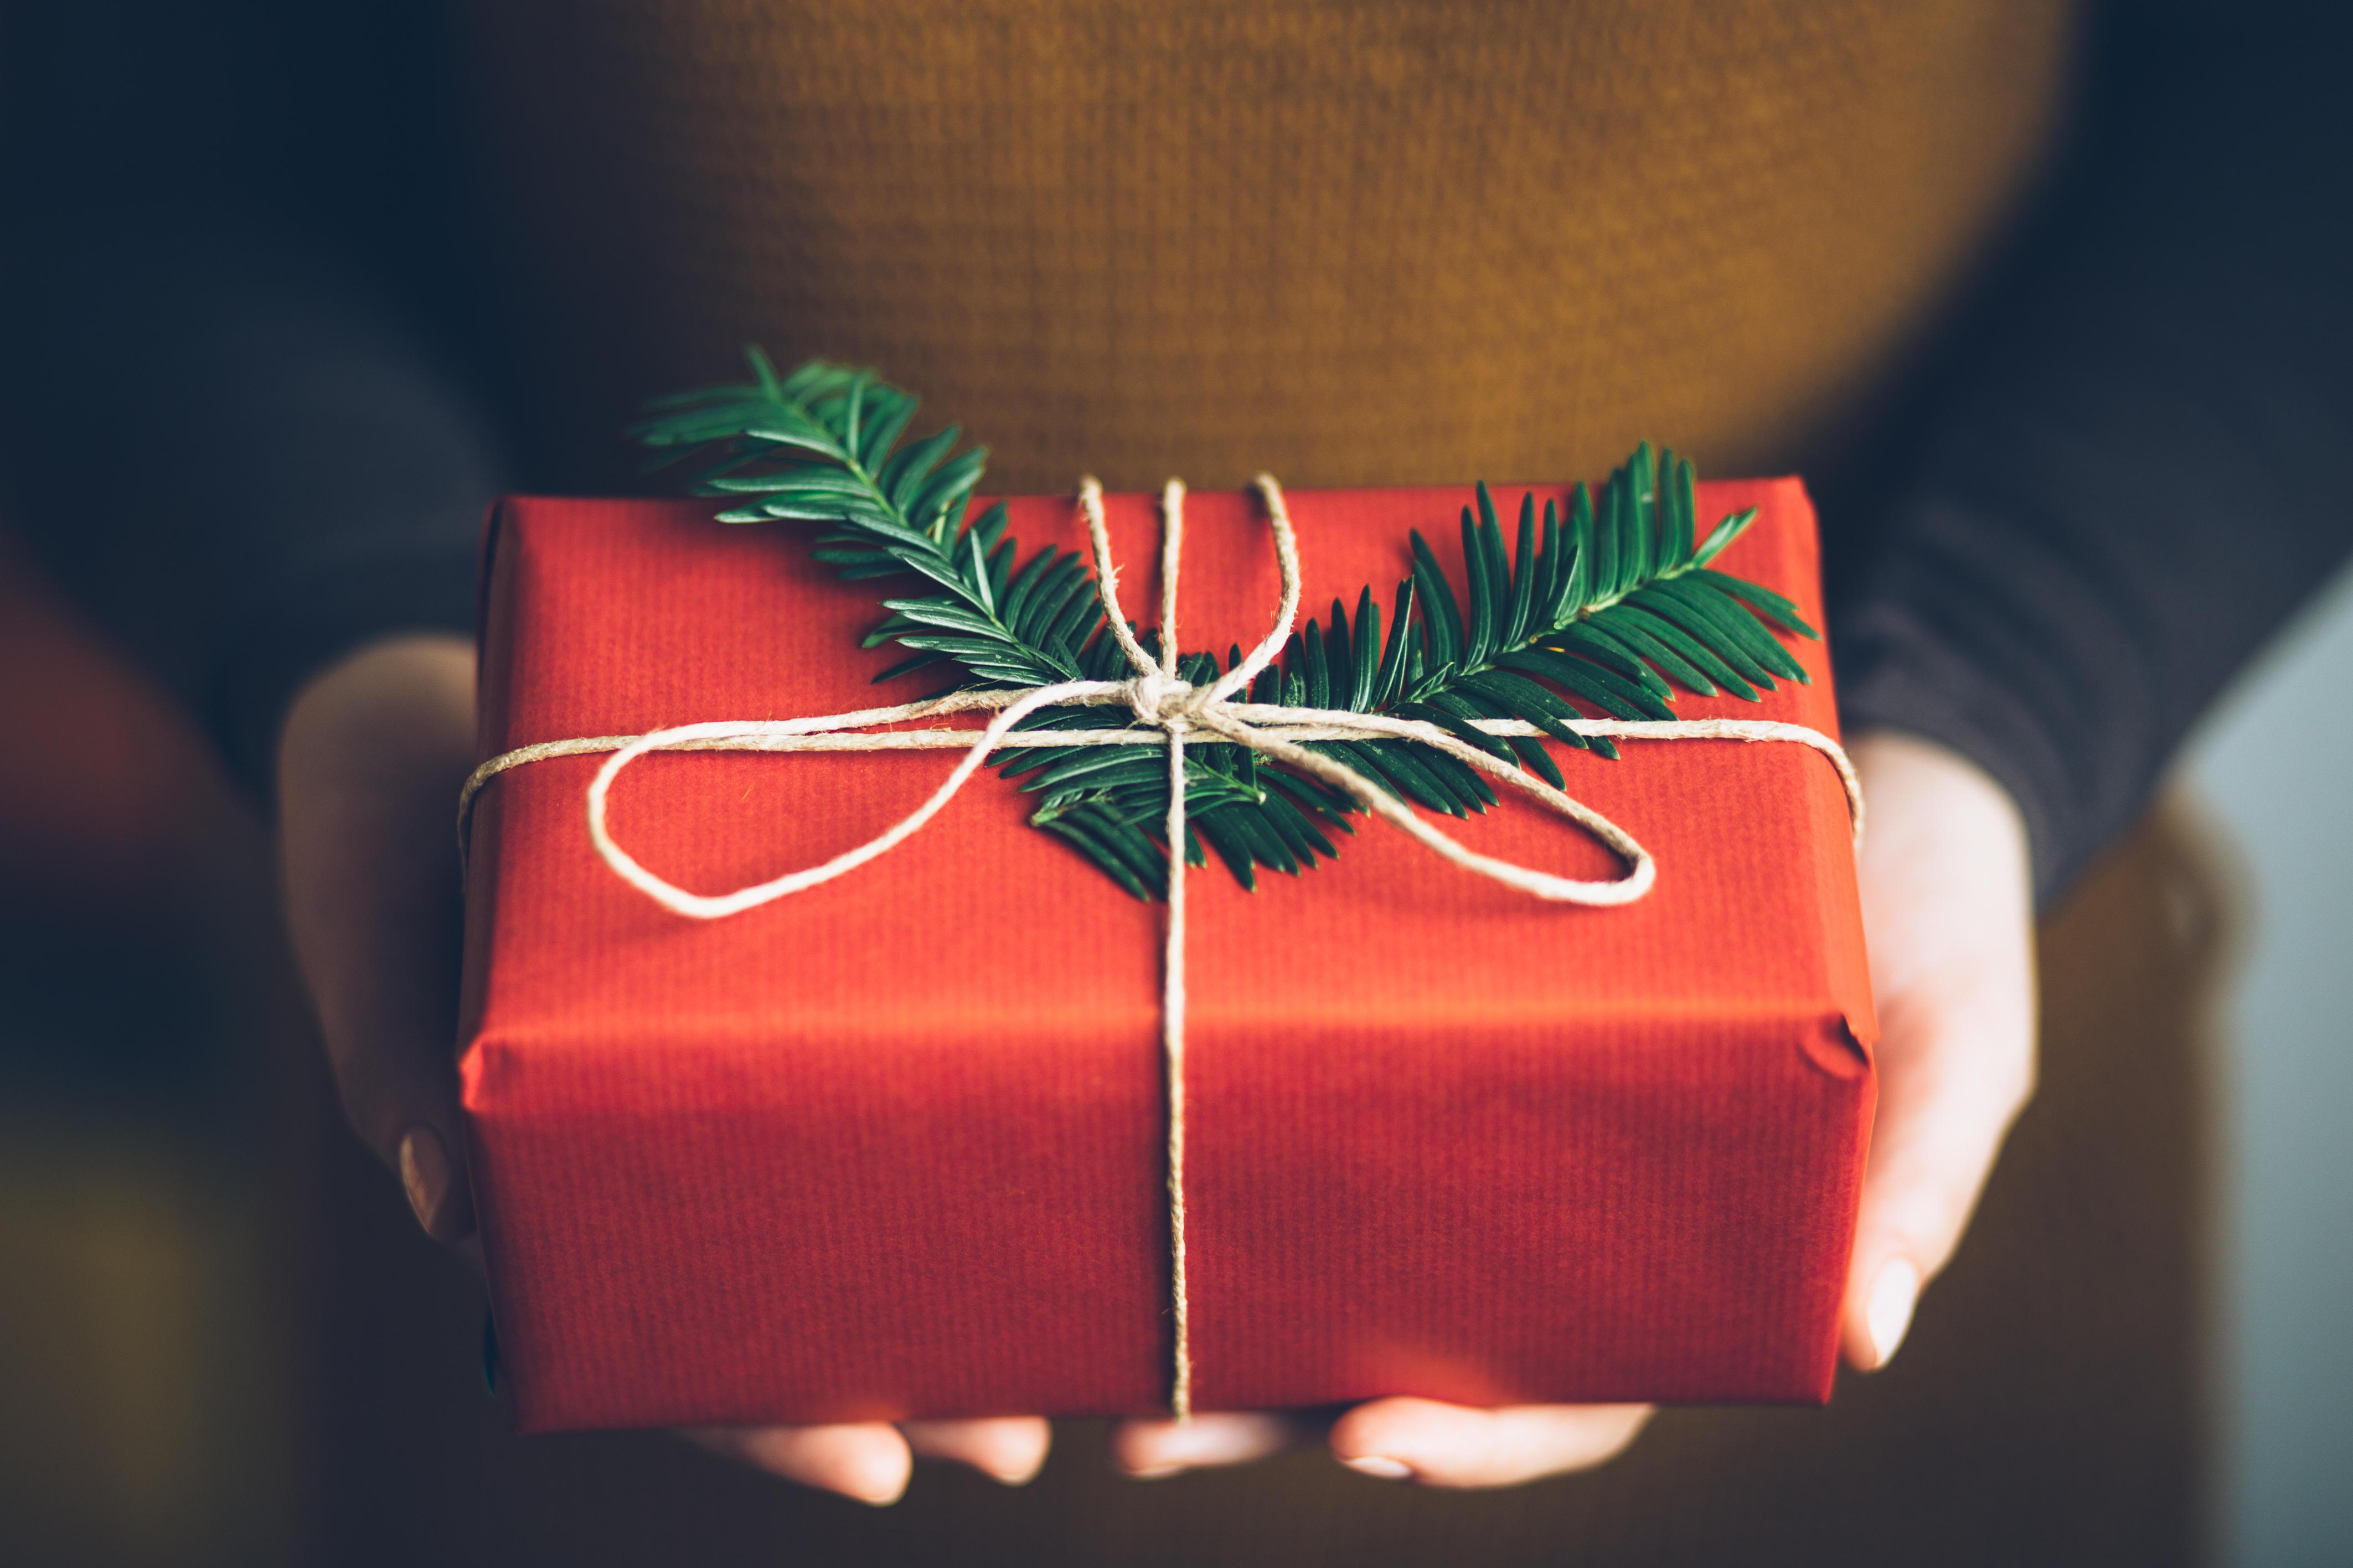 Weihnachts Geschenke  Besondere Weihnachtsgeschenke für Frauen finden